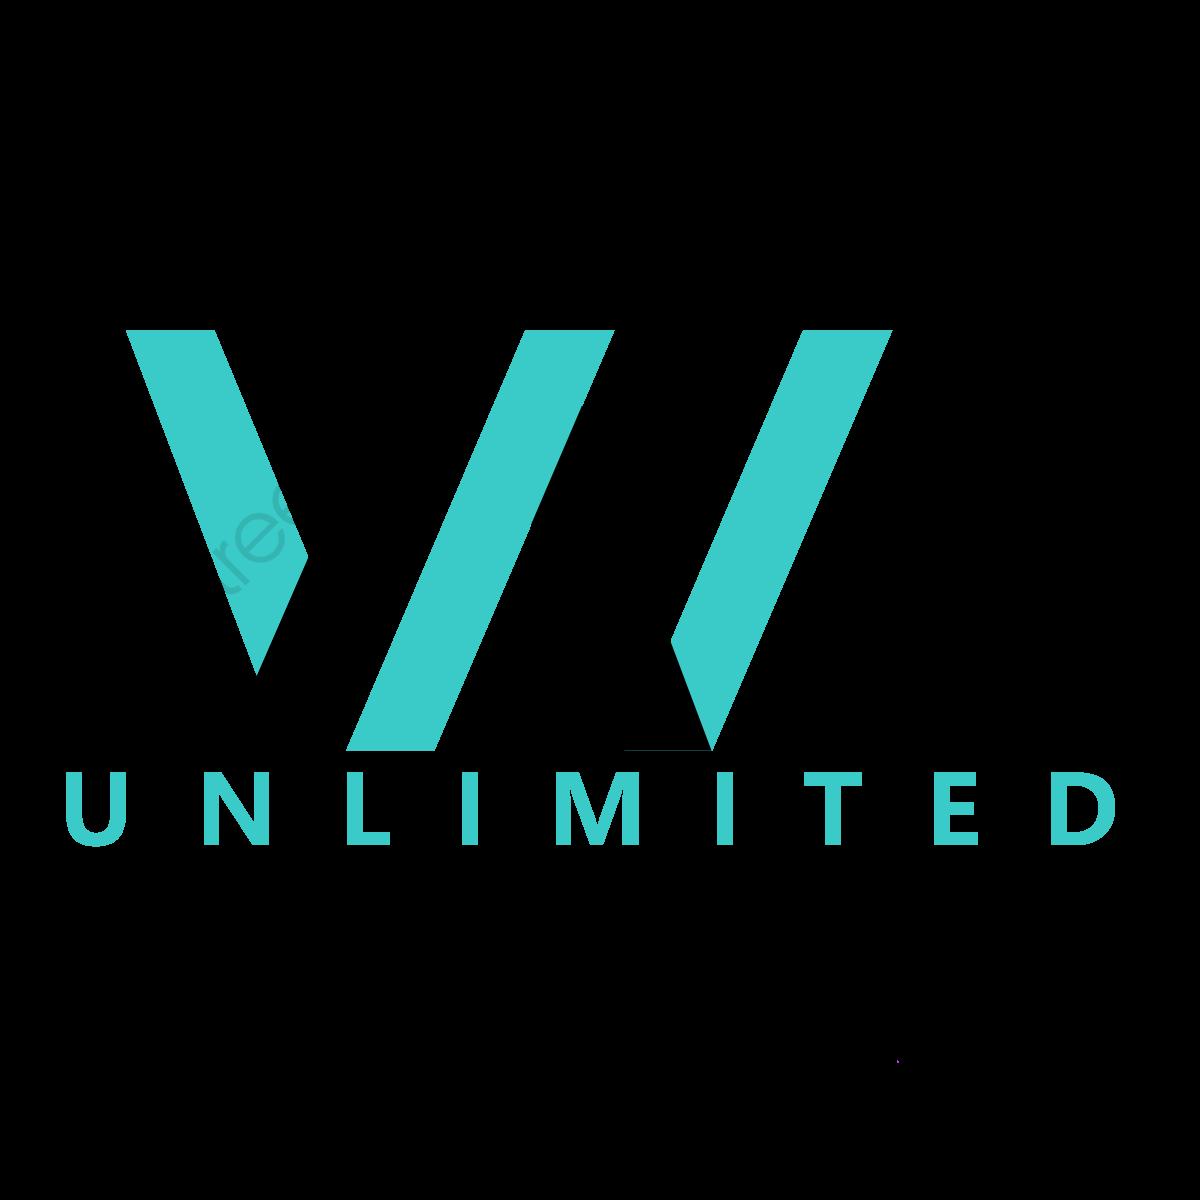 Arredamento semplice immobiliare logo del vettore la for Logo arredamento